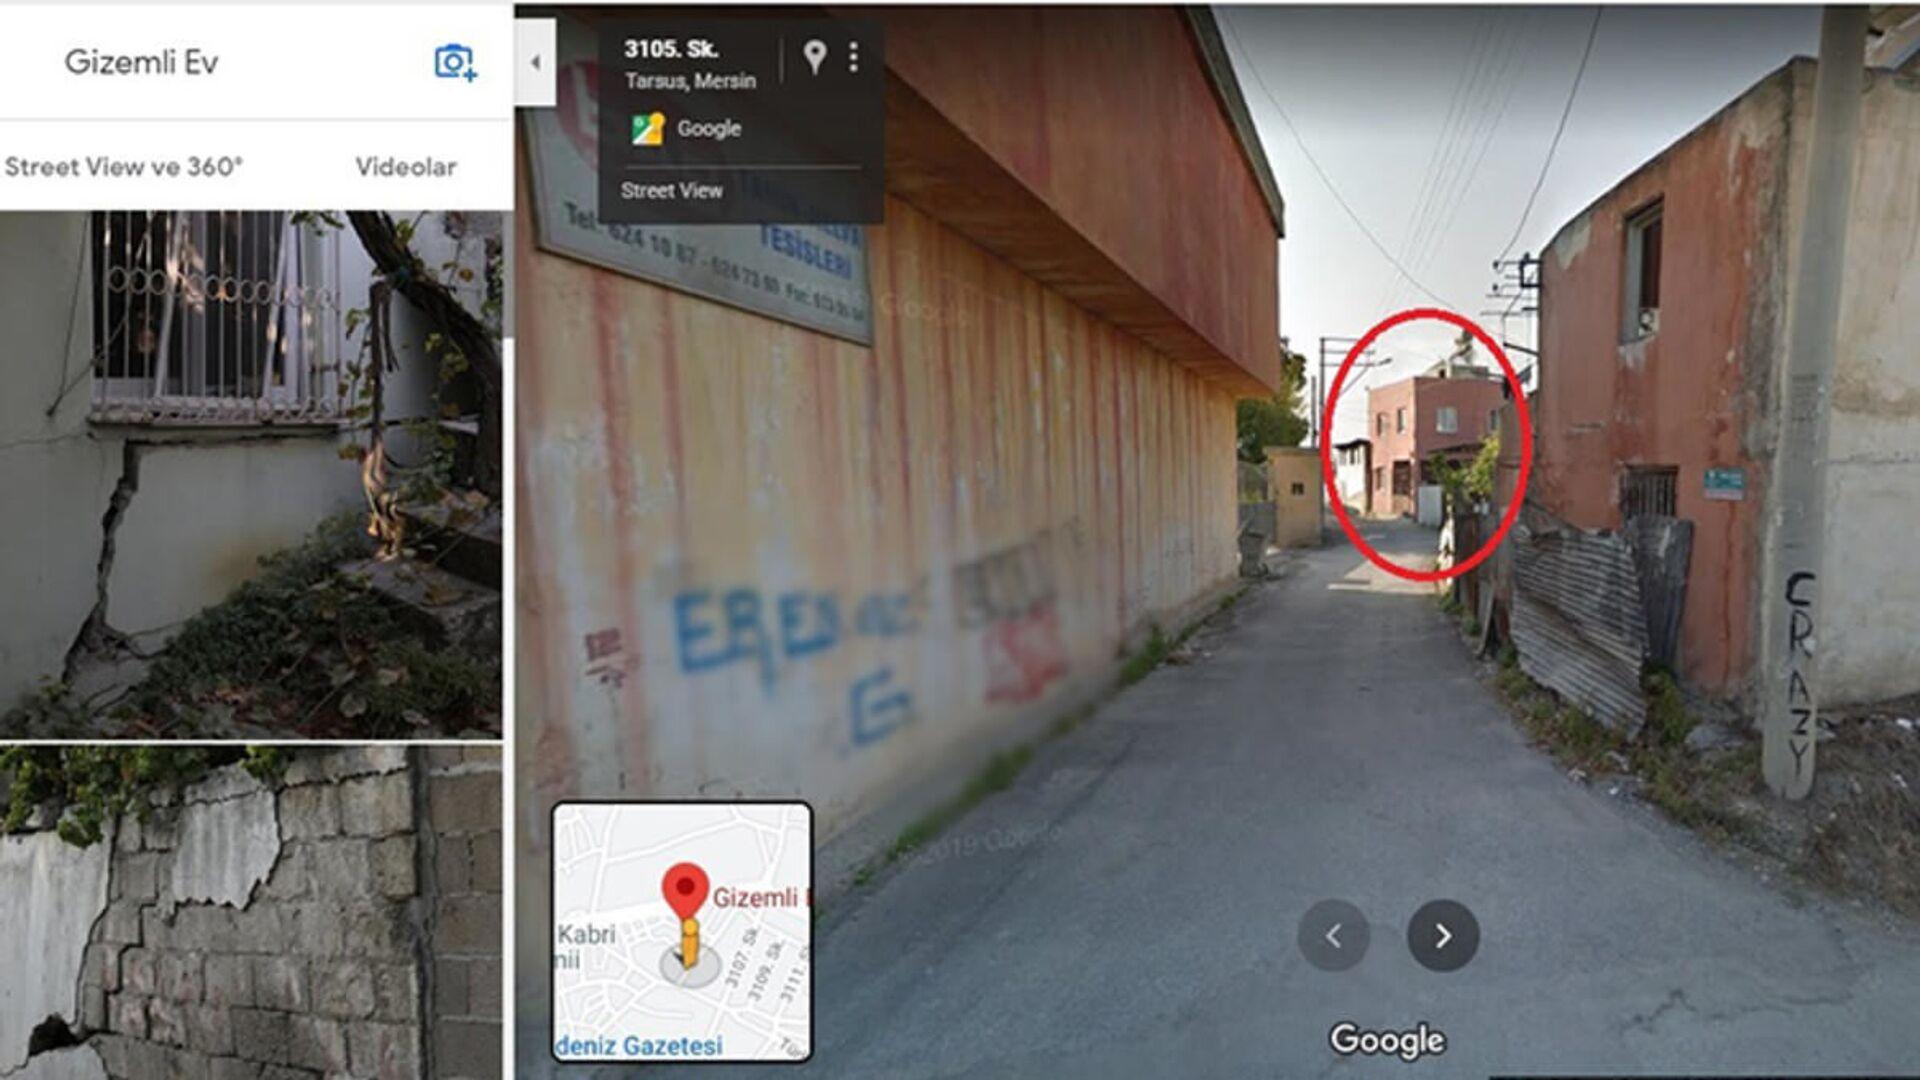 Mersin'deki 'gizemli ev' Google'ın haritalar hizmetinde işaretlendi - Sputnik Türkiye, 1920, 19.02.2021